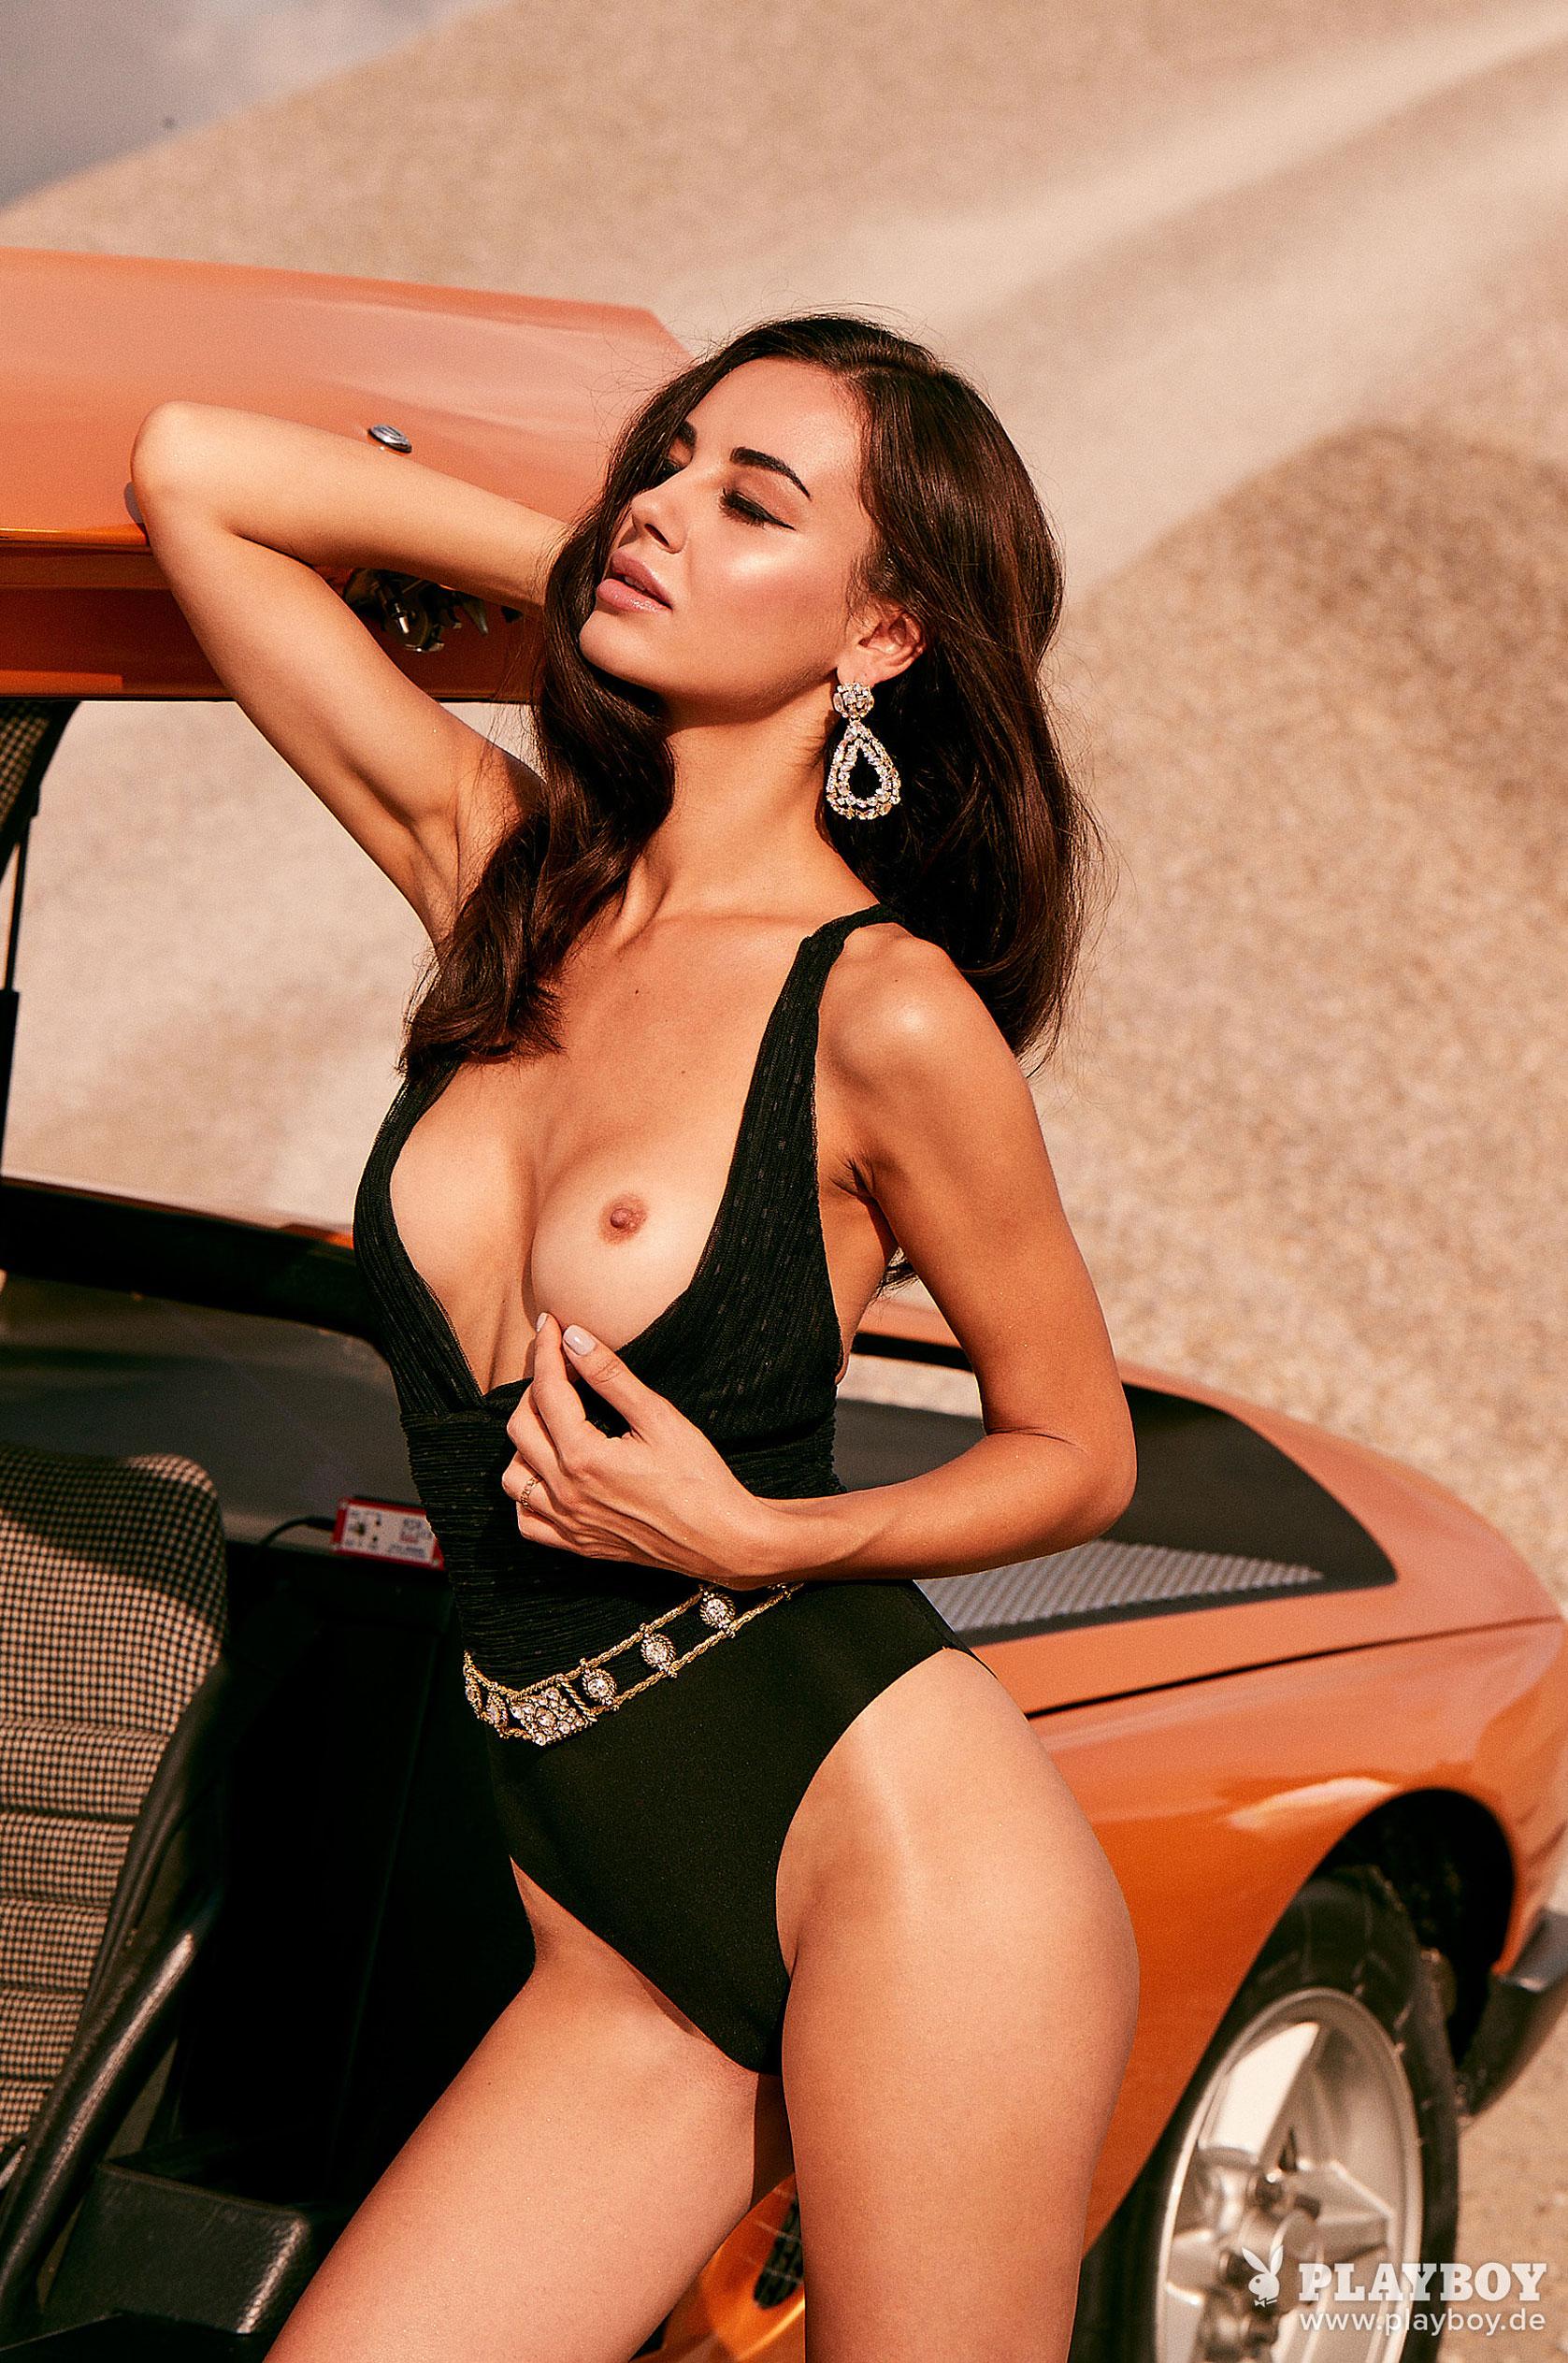 Сексуальная и голая Вероника Климович позирует вместе с легендарным Mercedes-Benz C 111 / фото 06